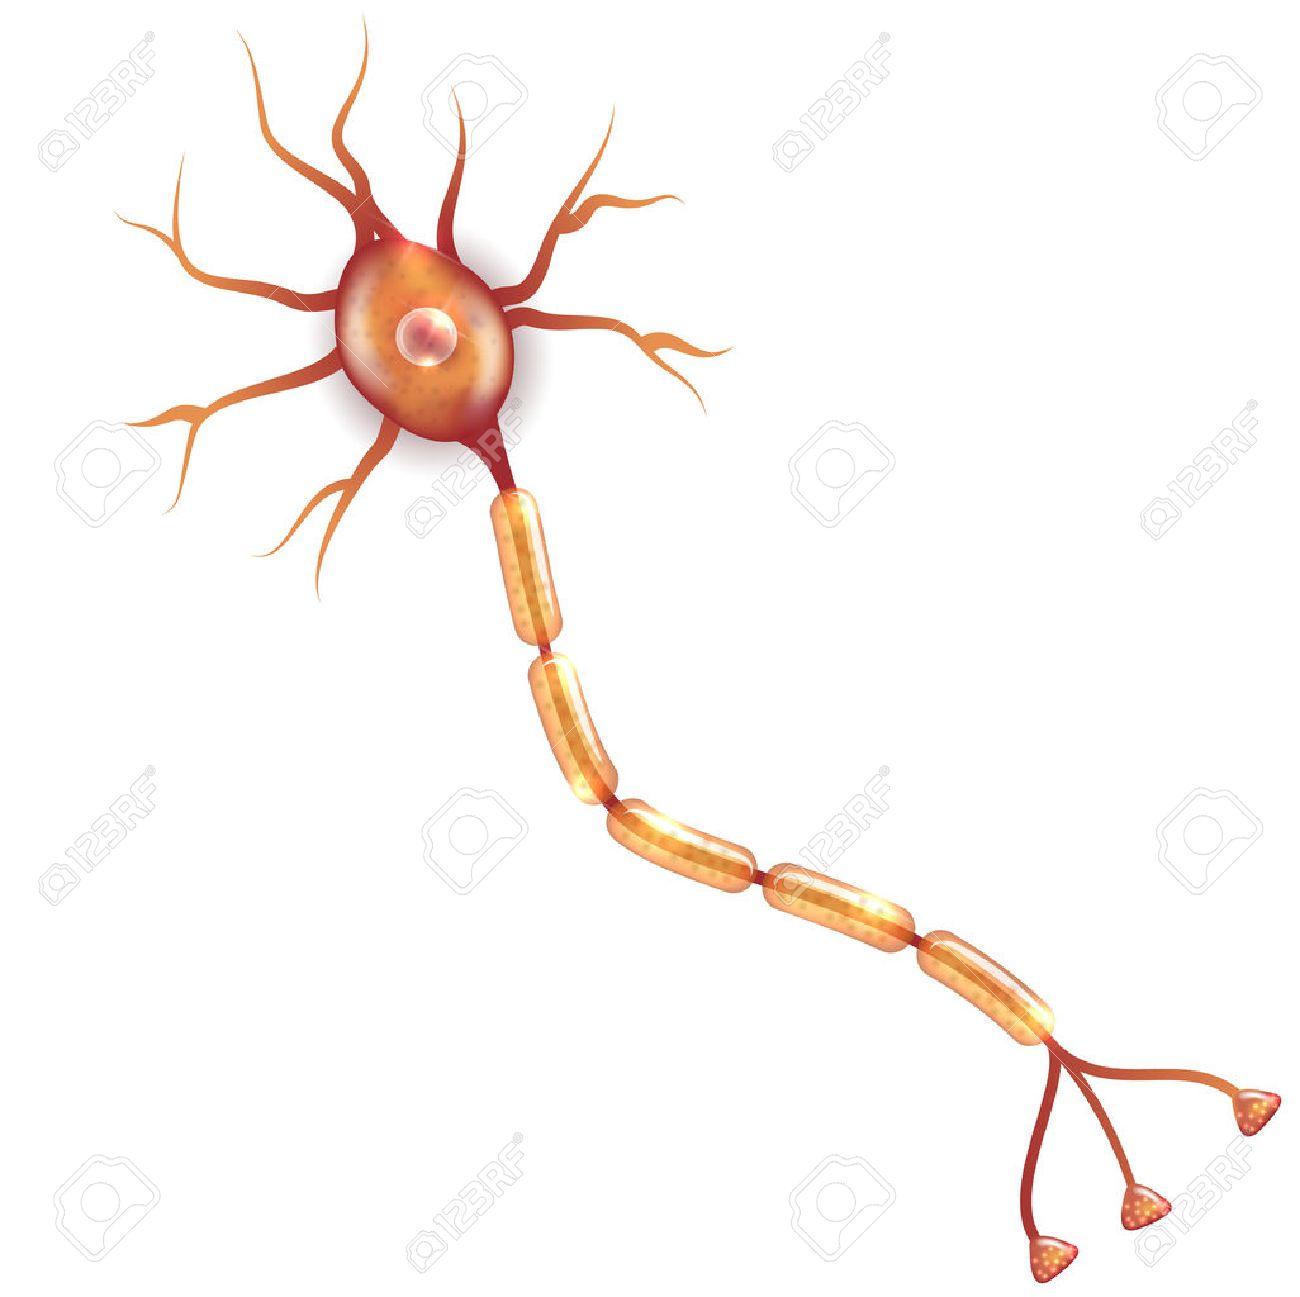 Neuron, Nervenzelle, Die Den Hauptteil Des Nervensystems Ist ...